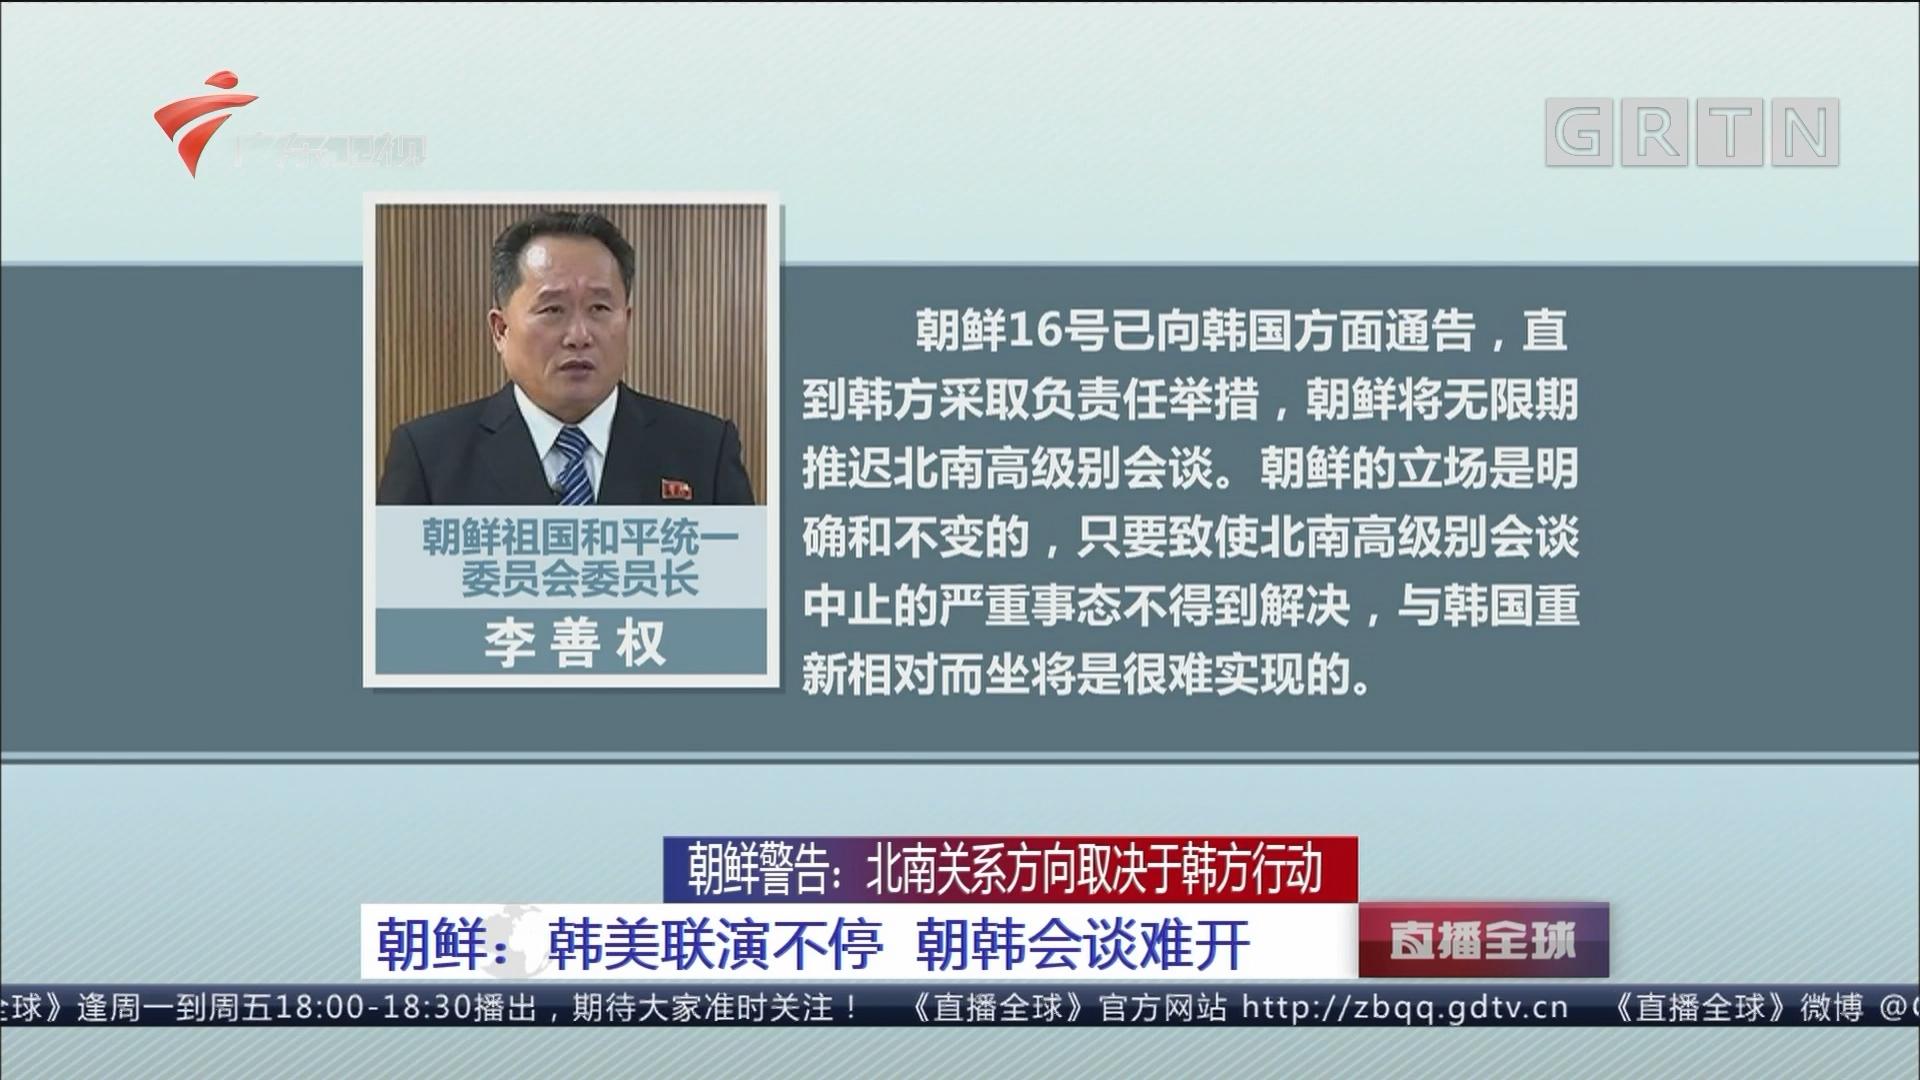 朝鲜警告:北南关系方向取决于韩方行动 朝鲜:韩美联演不停 朝韩会谈难开